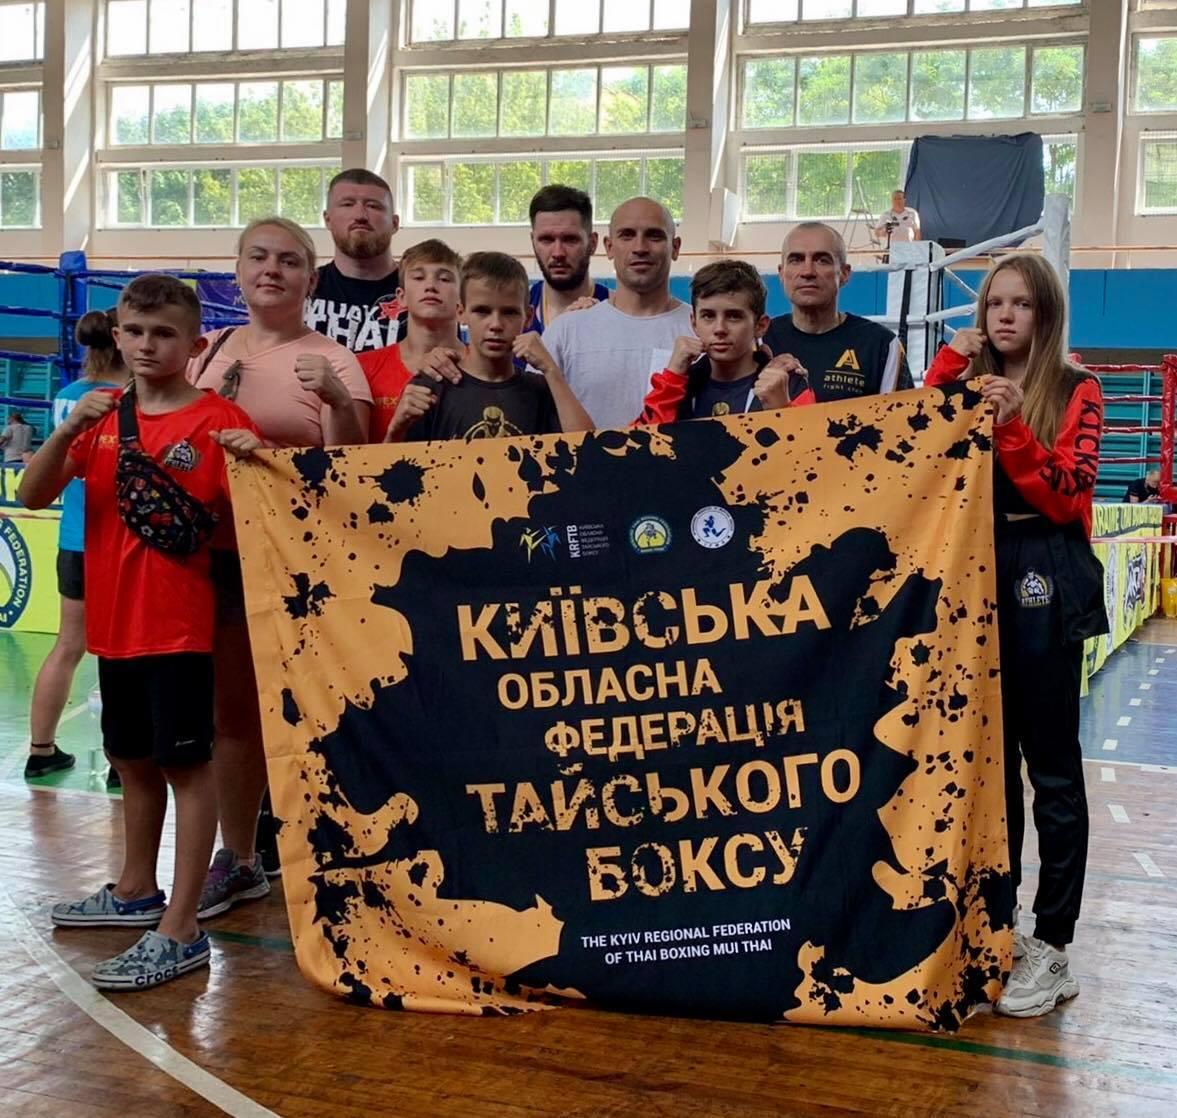 Чемпіонат України з тайського боксу, Одеса. Фото